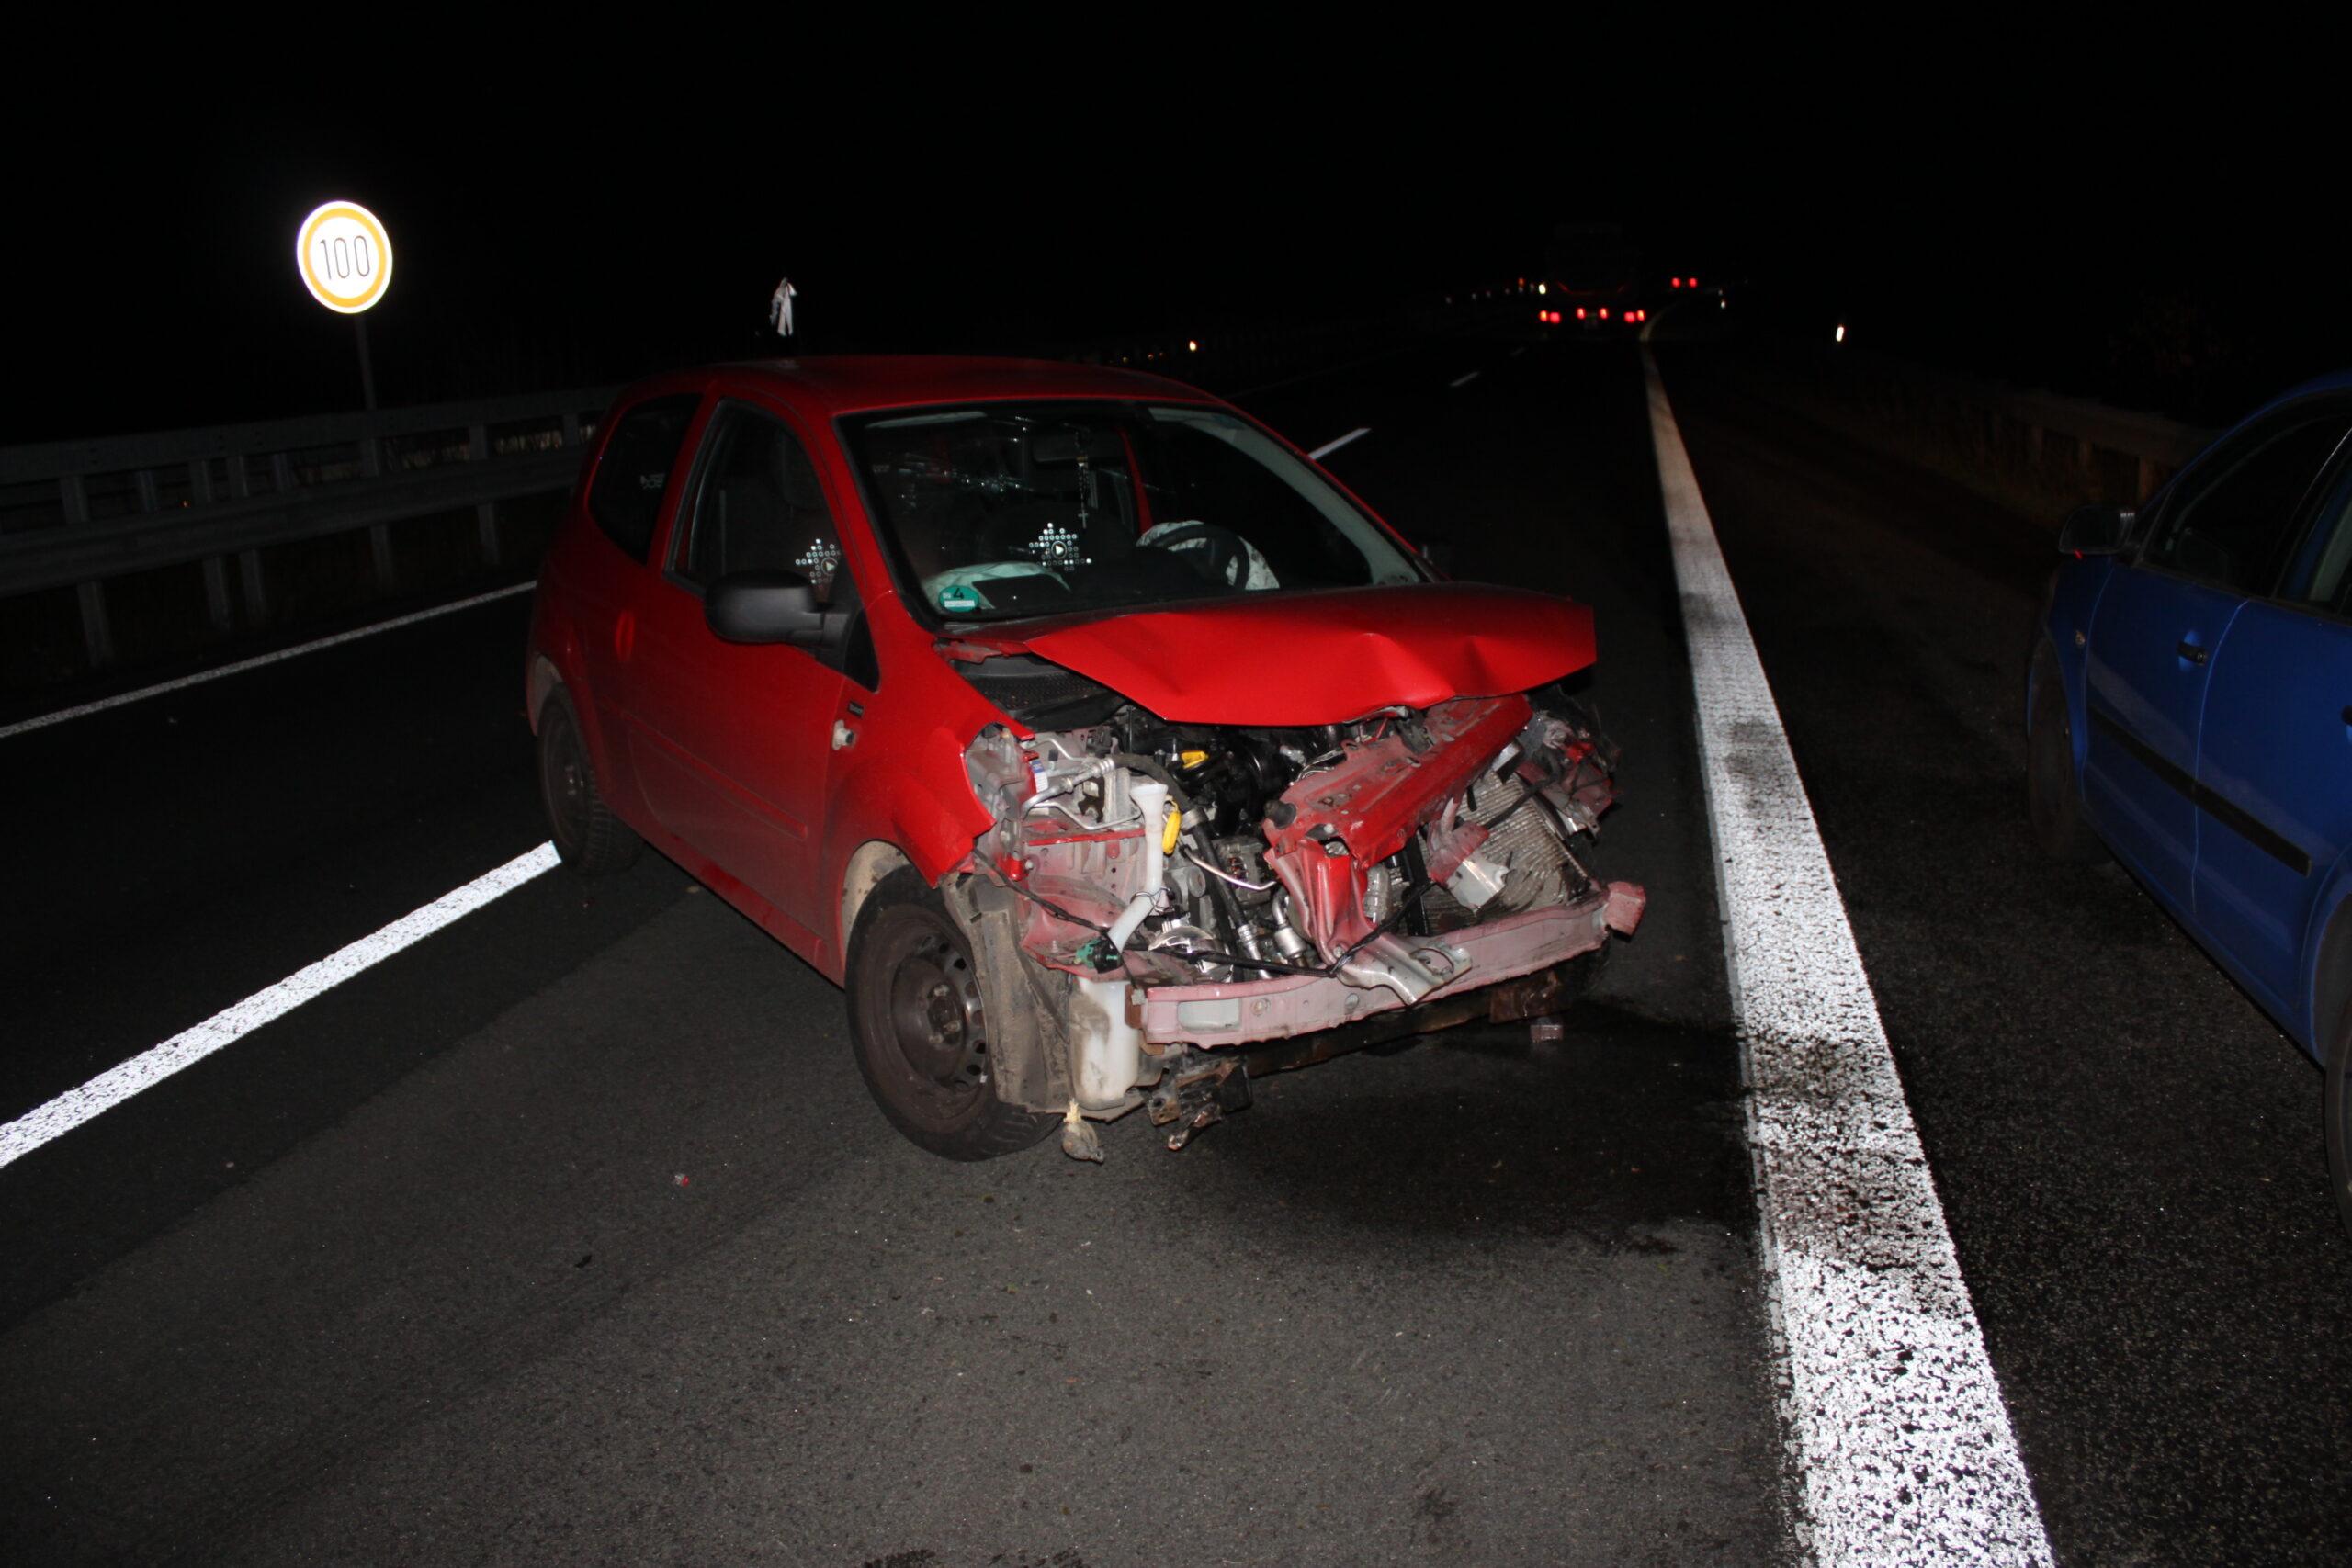 A63/Kaiserslautern, Nach Fahrstreifenwechsel Kontrolle verloren